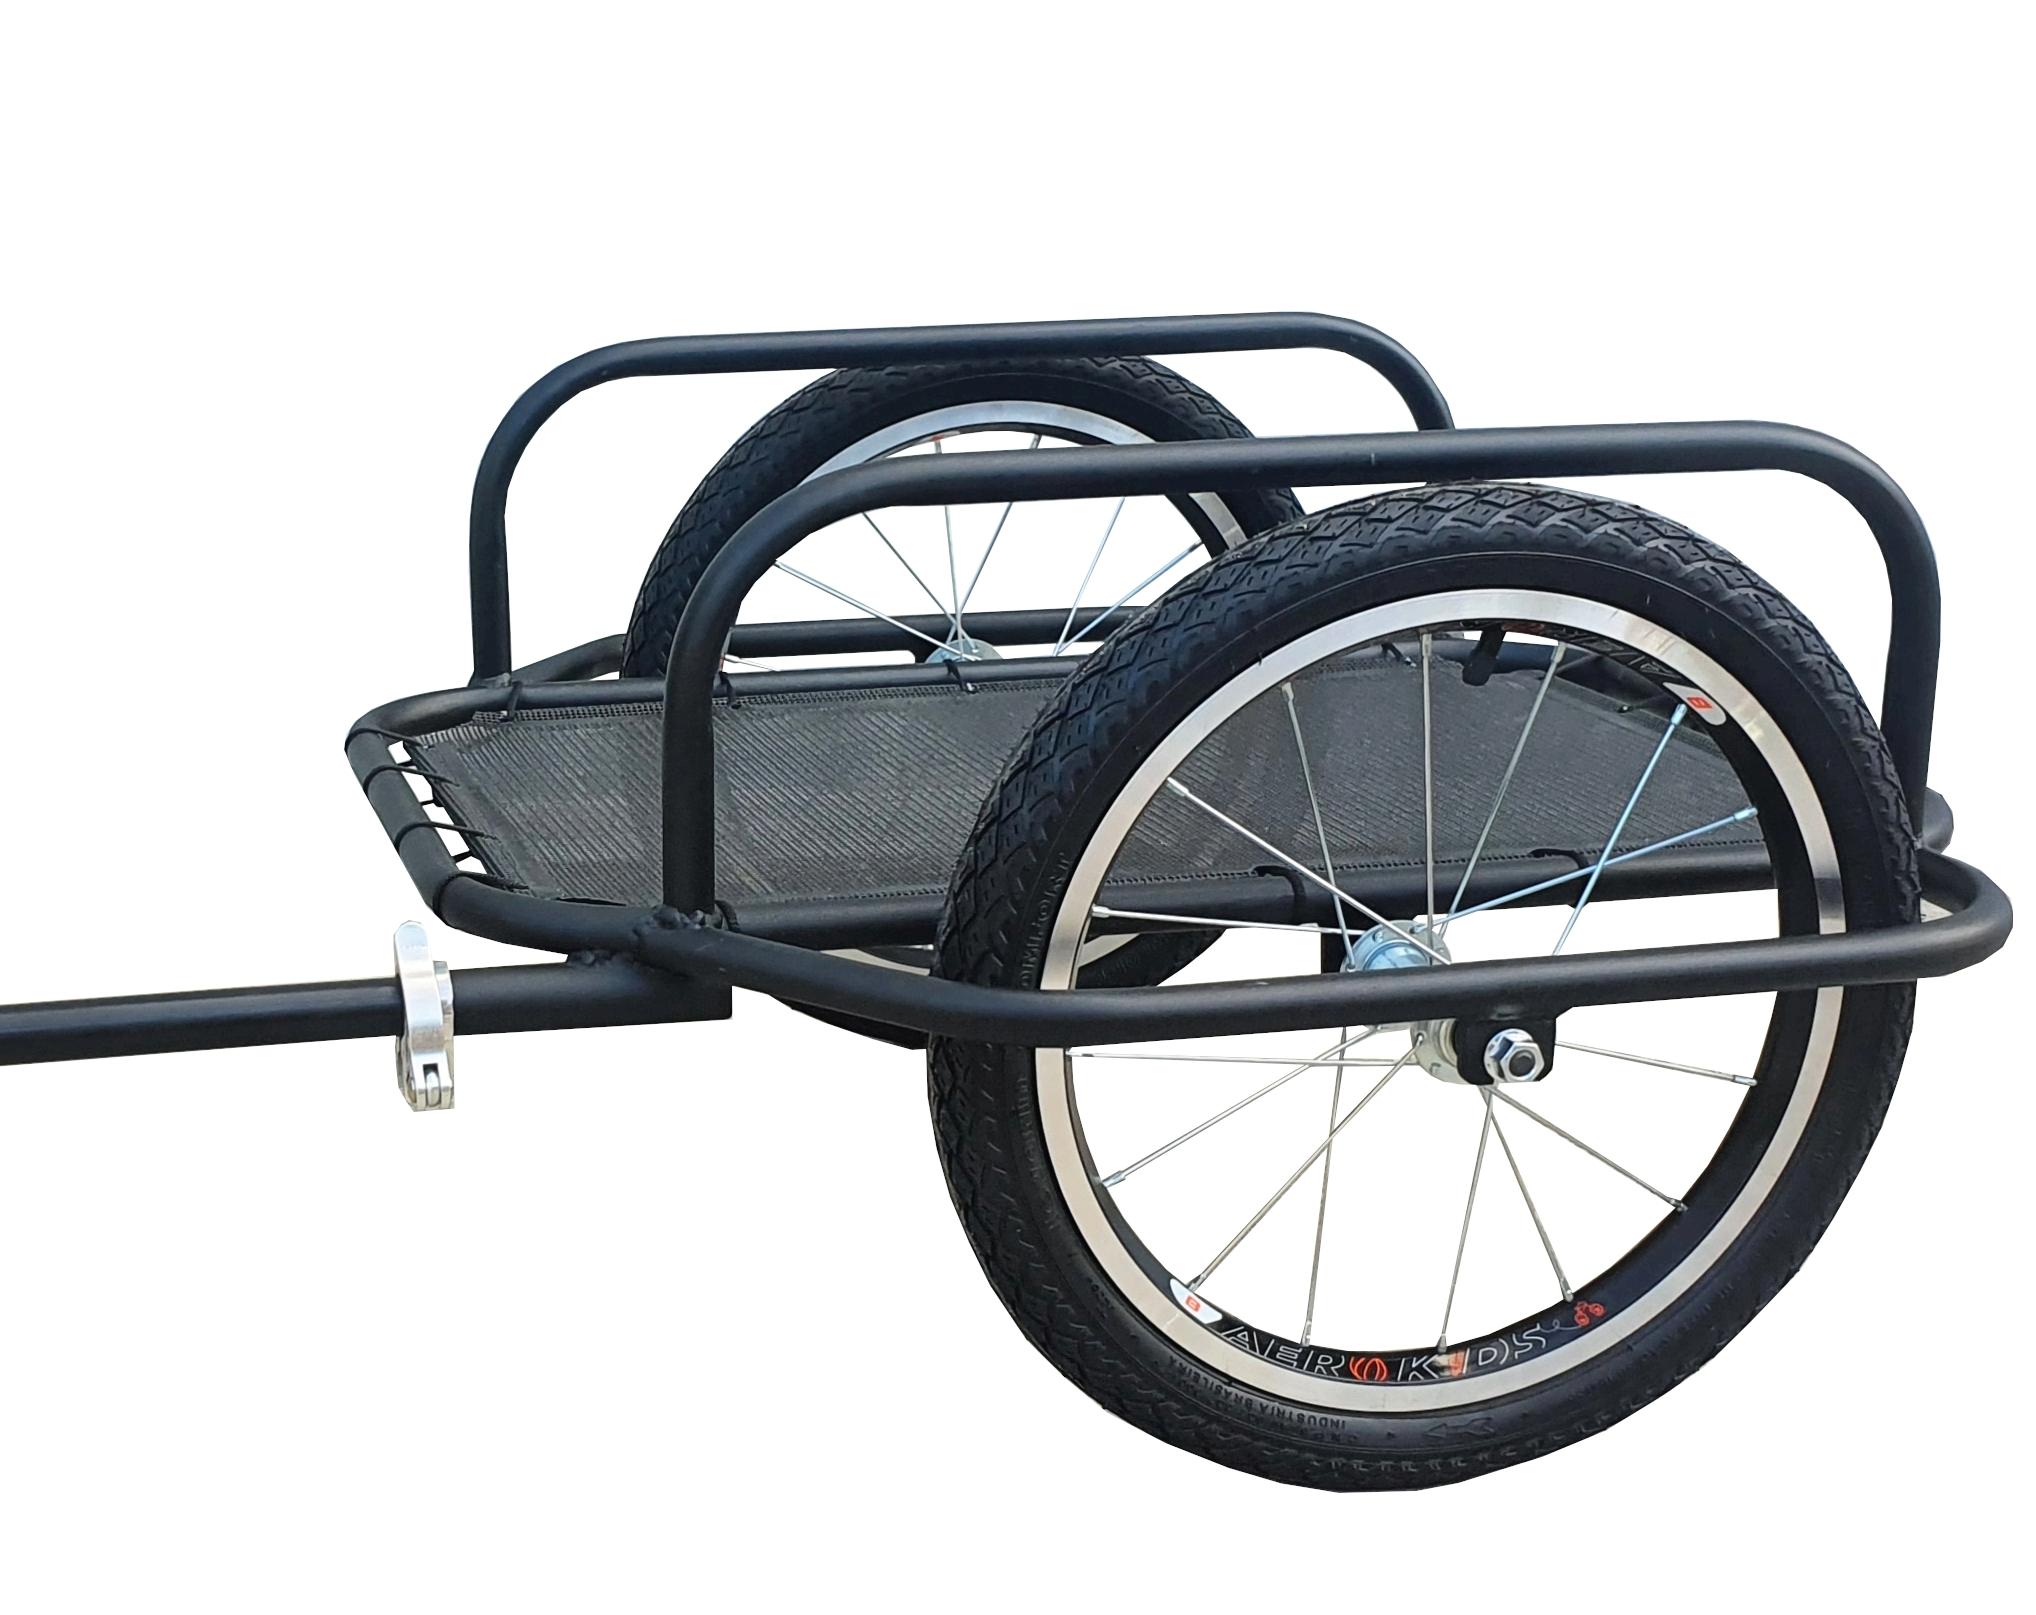 Reboque/Trailler/Carretinha para bicicleta